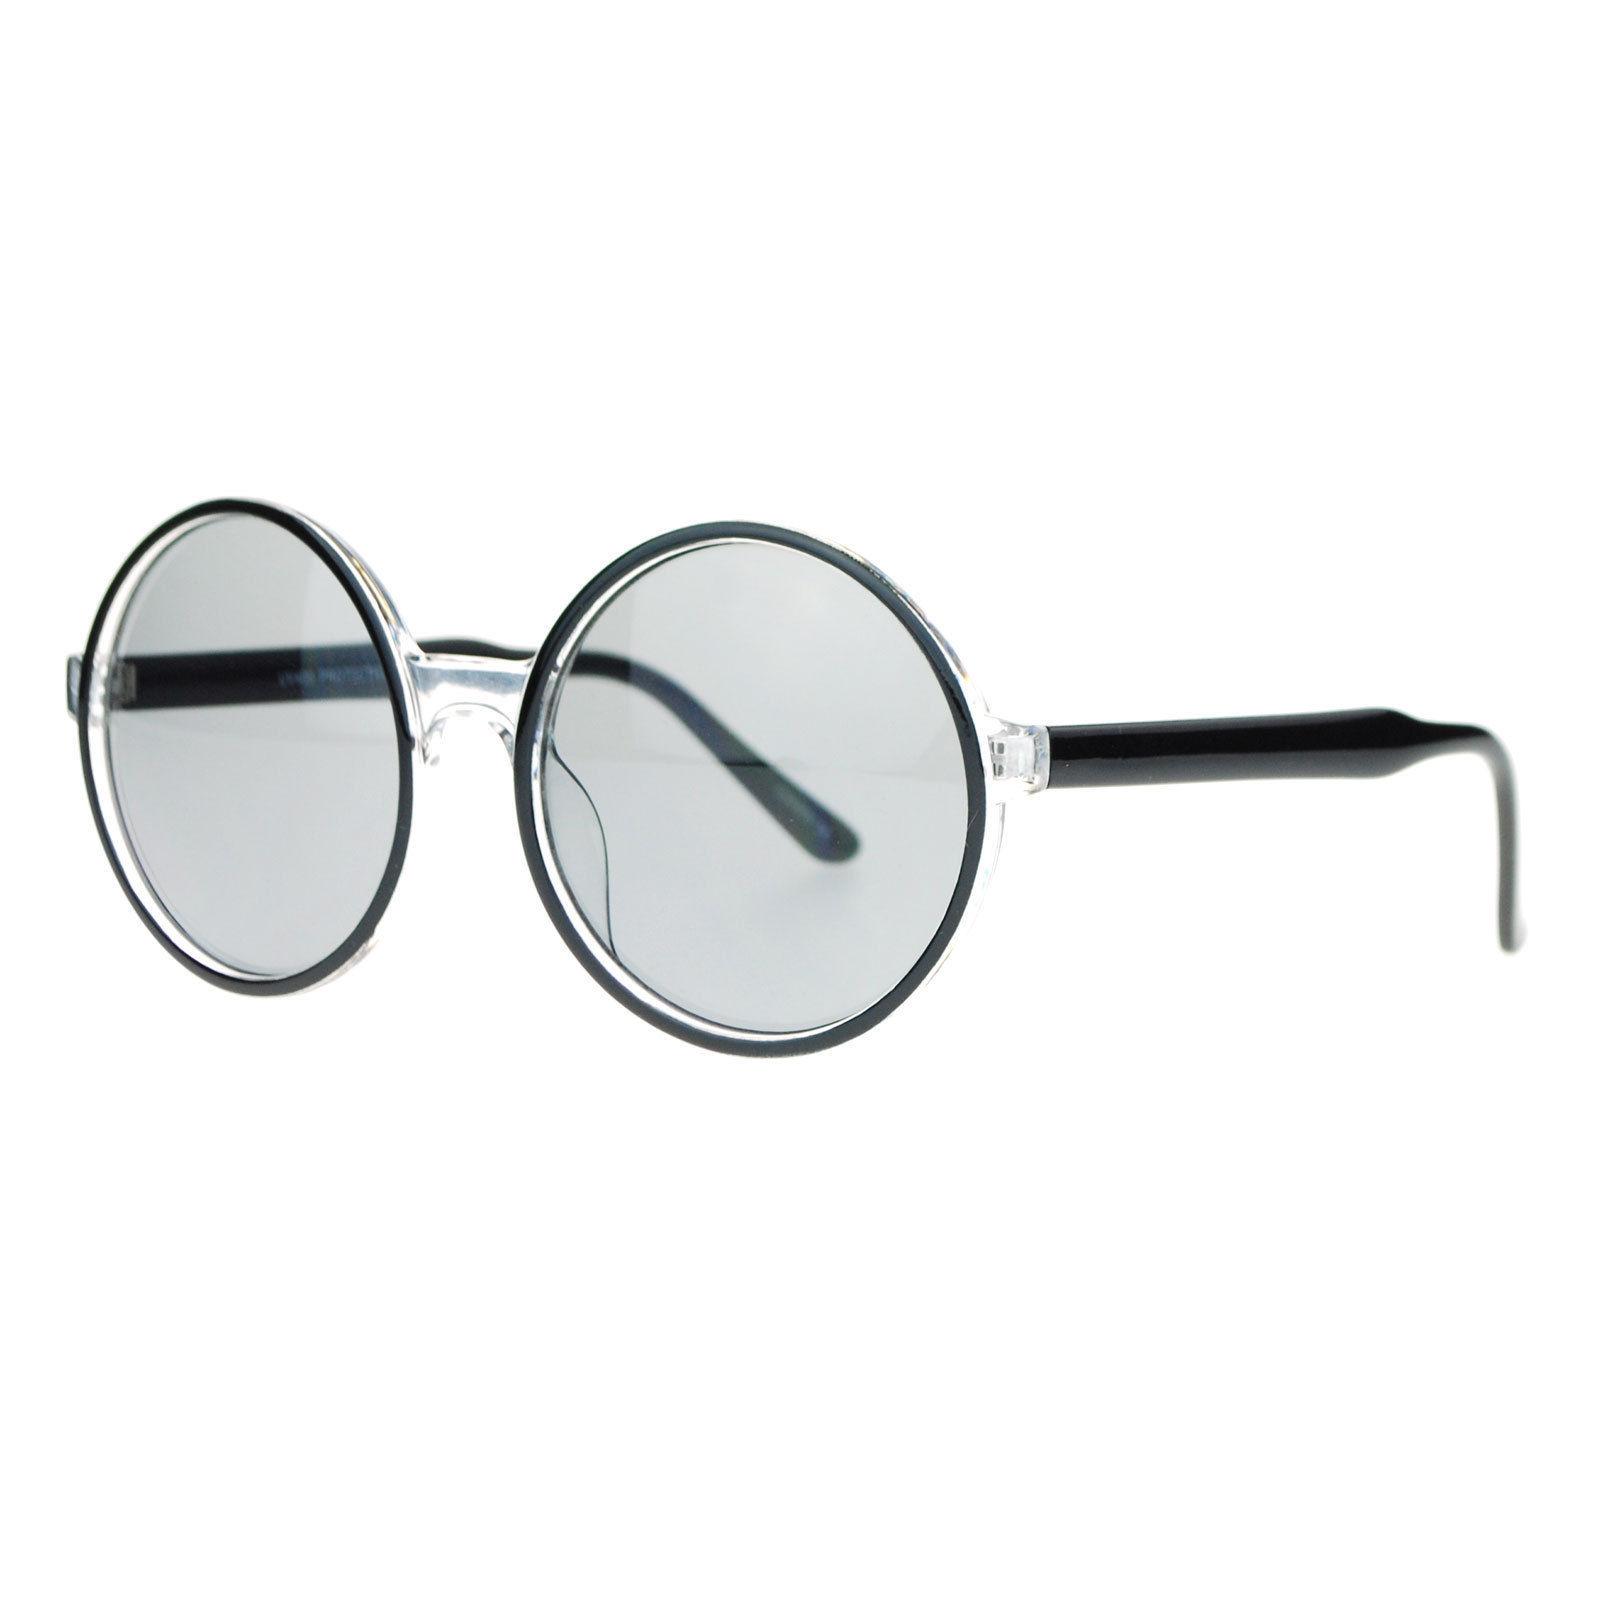 Fashion Sunglasses Oversized Round Circle Frame Hip Retro Shades